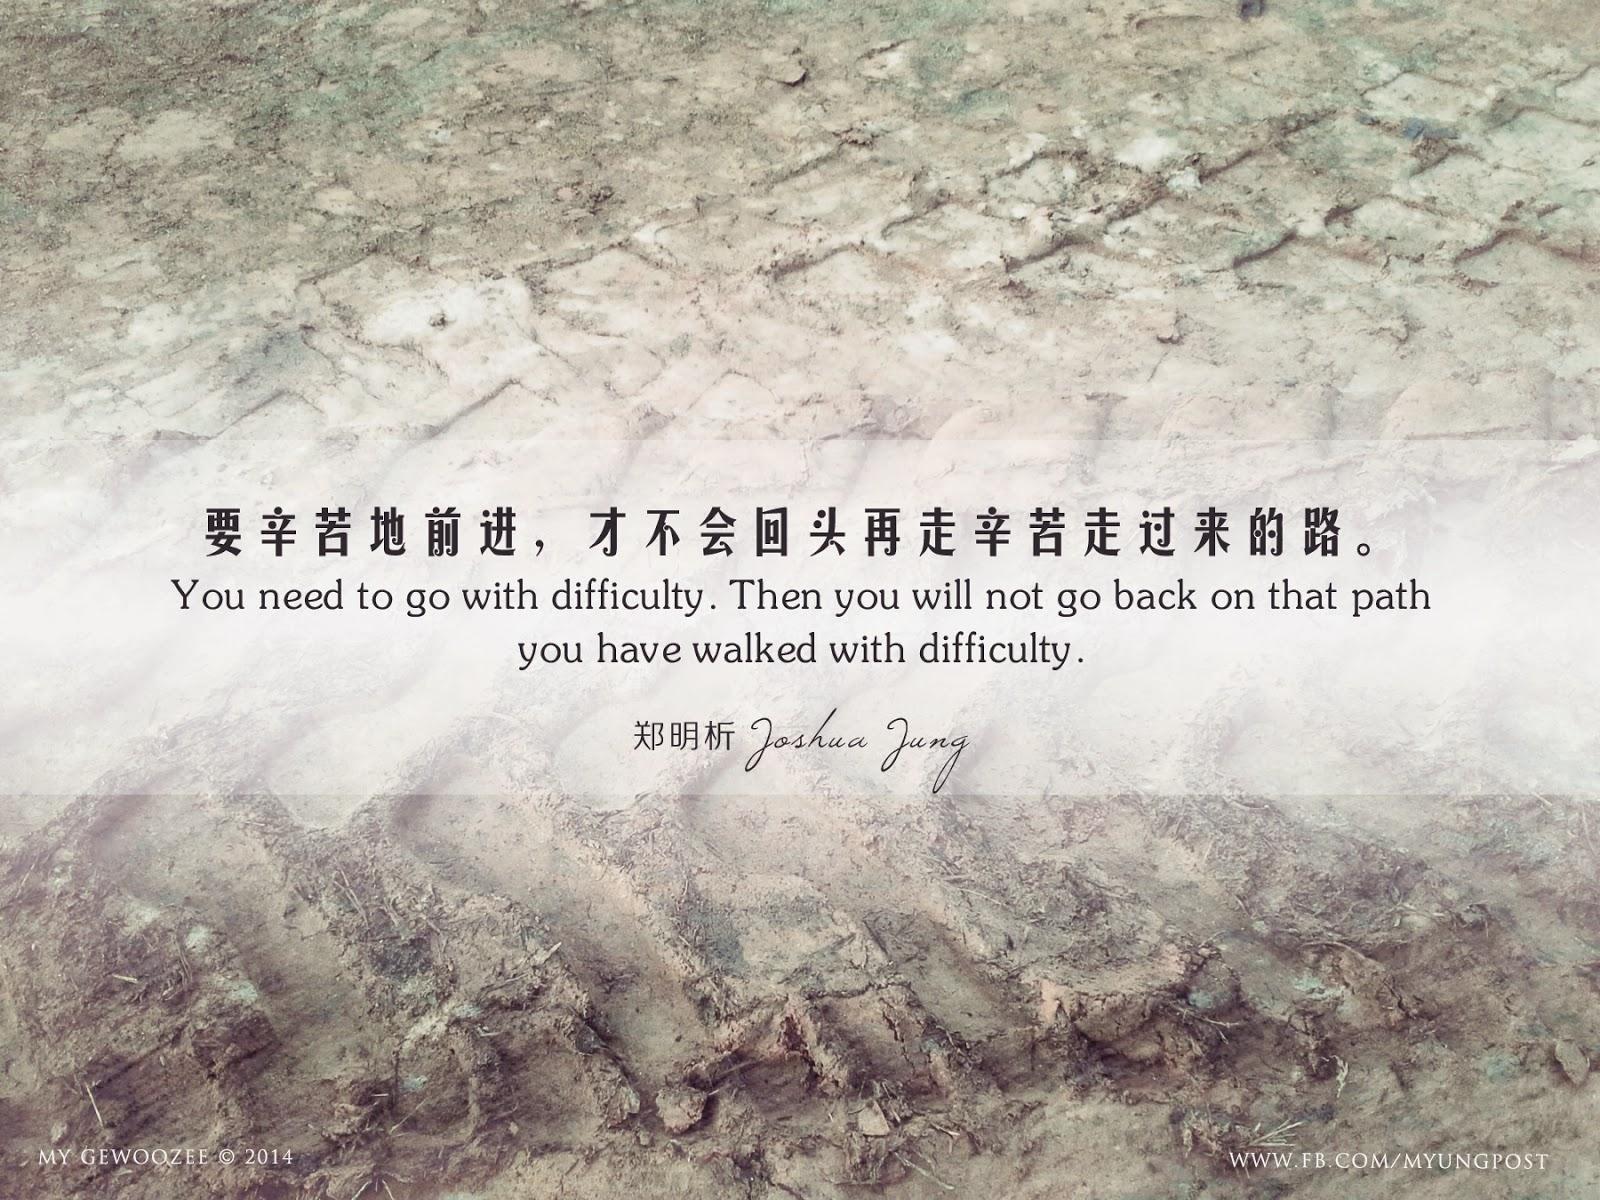 郑明析,摄理,月明洞,道路,烂泥路,前进,Joshua Jung, Providence, Wolmyung Dong, road, path, forward